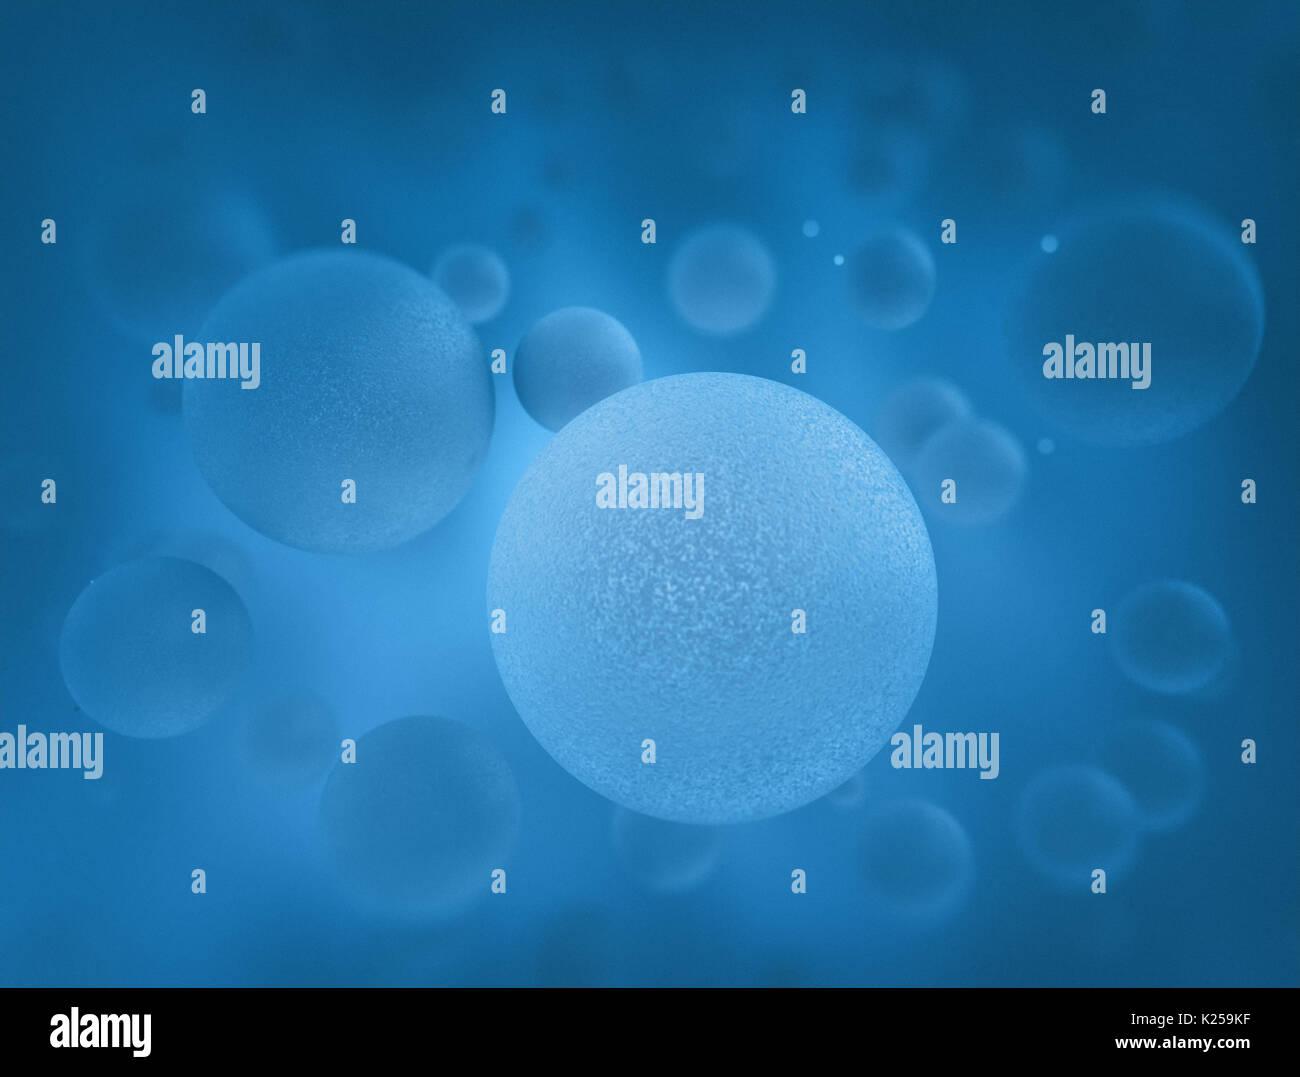 Menschliche Zellen in Blau. Wissenschaft und medizinischen ...